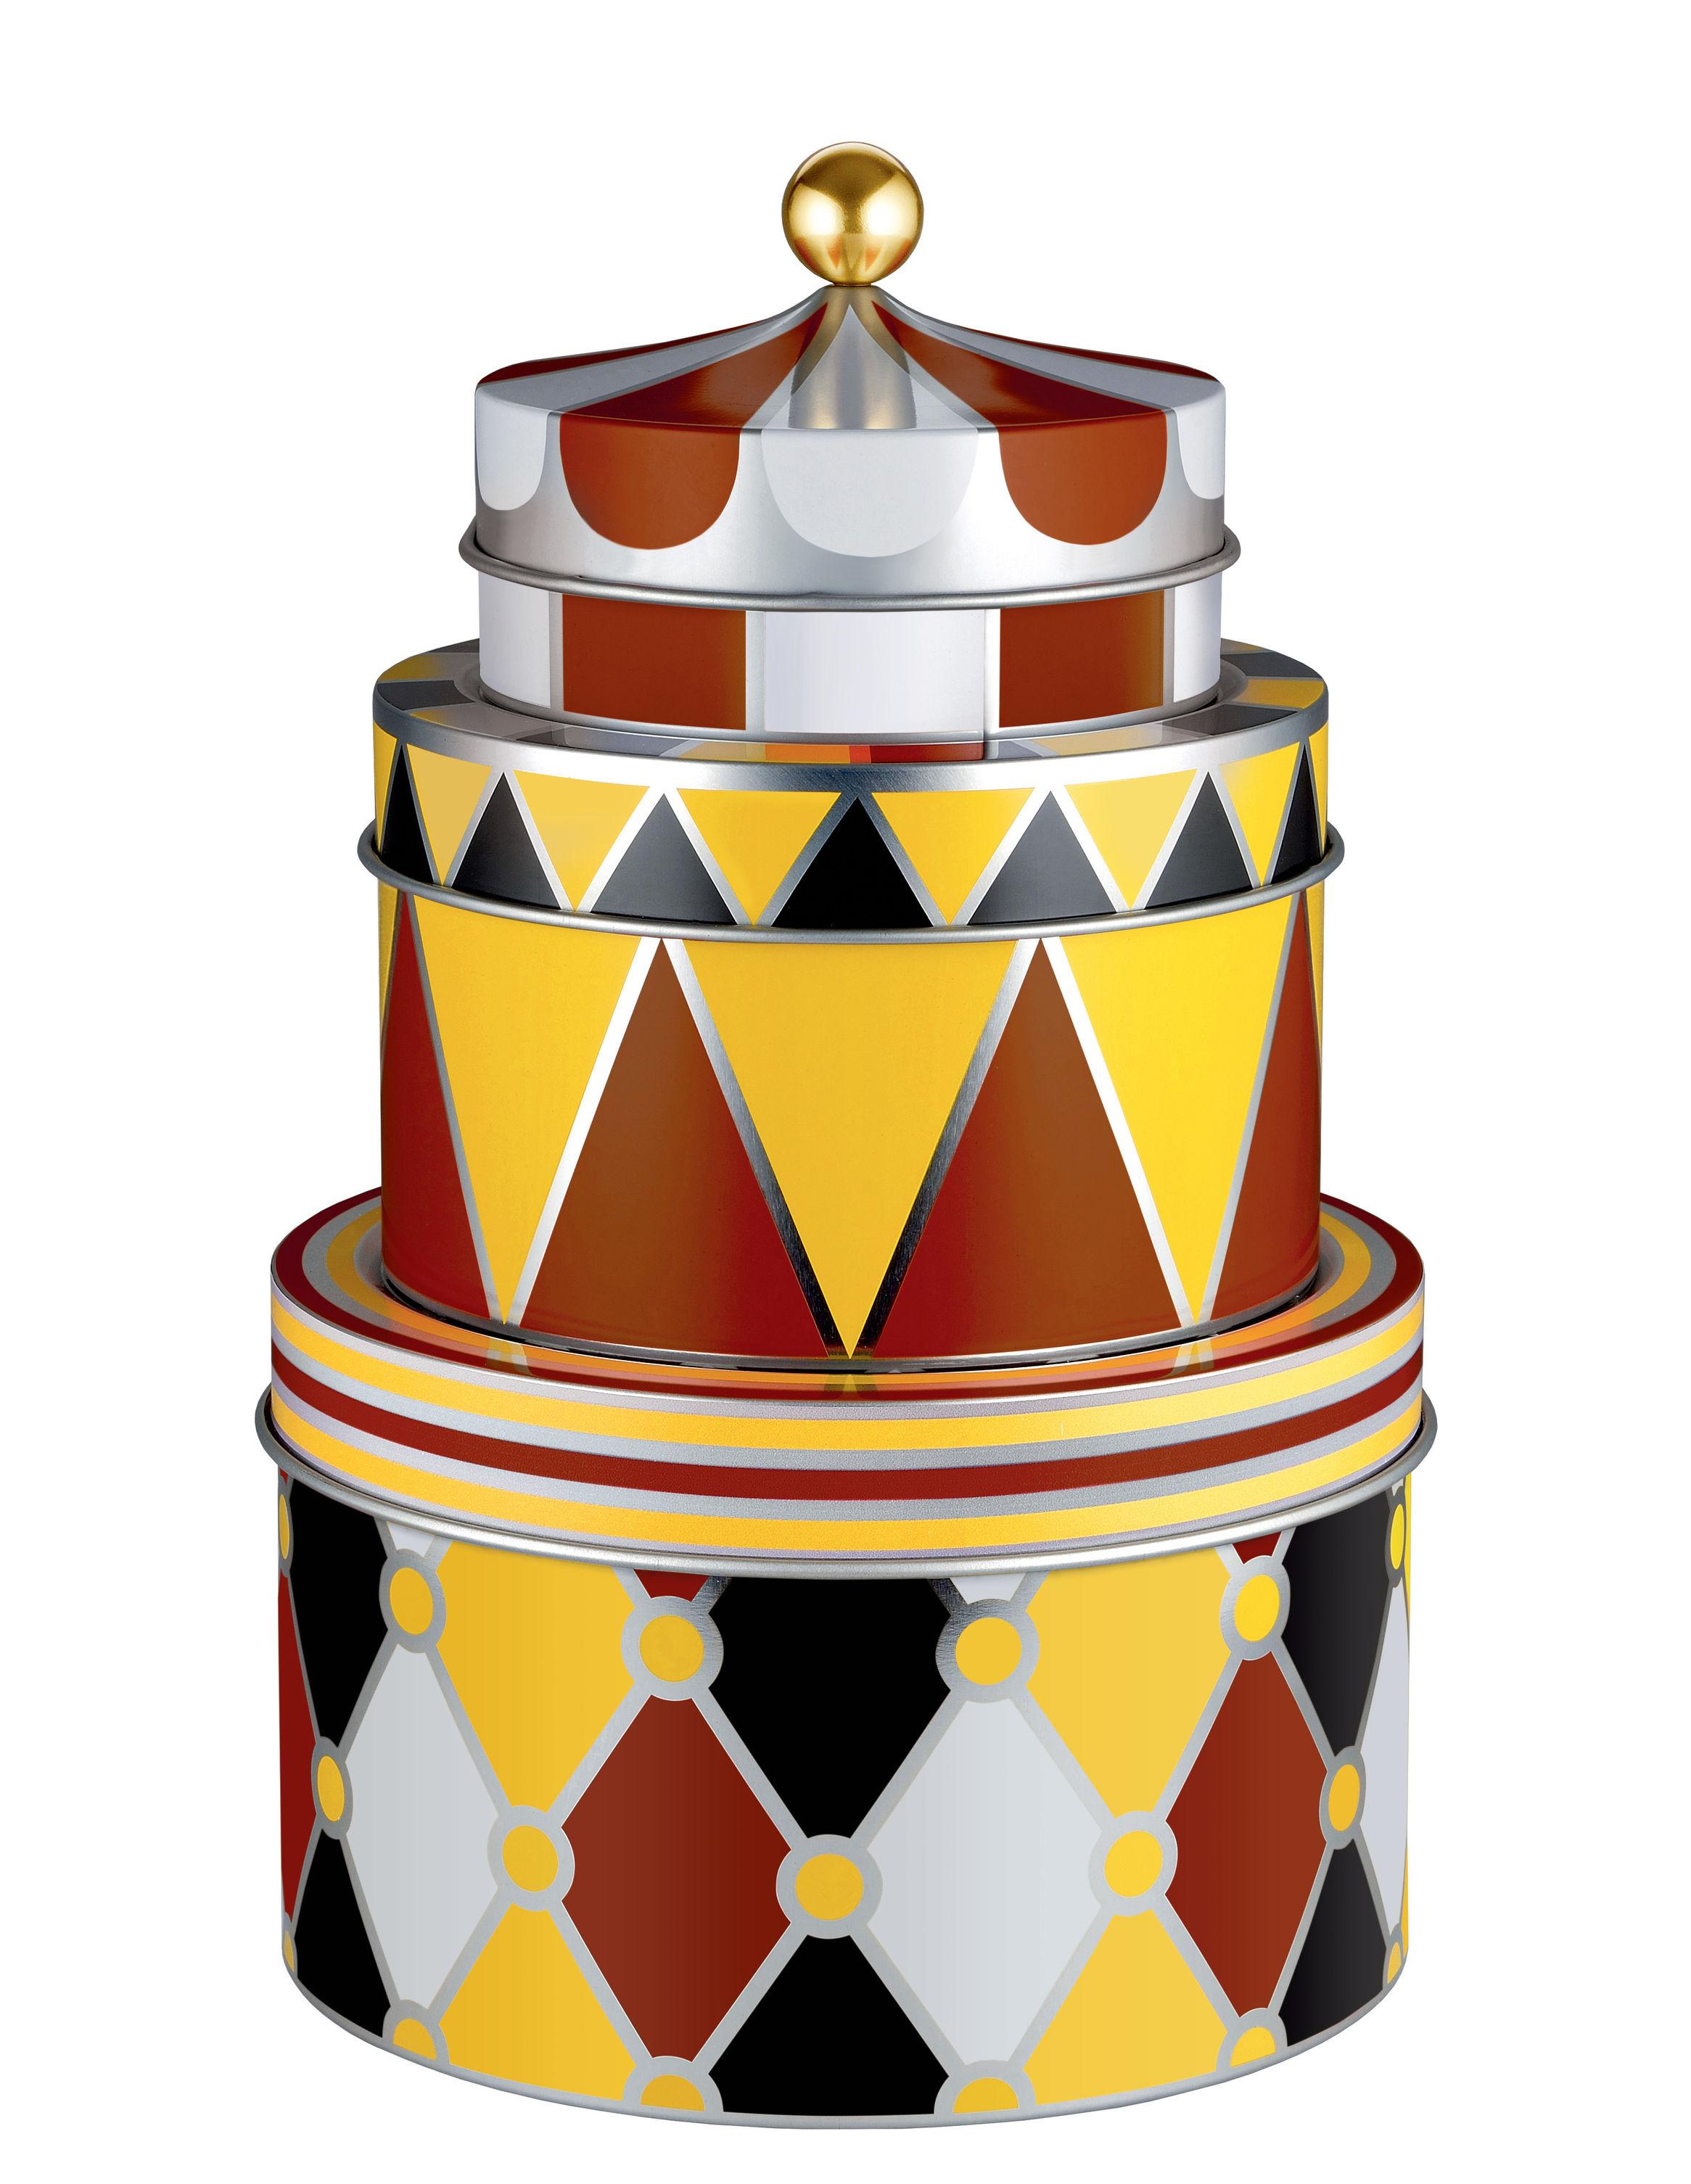 Cuisine - Boîtes, pots et bocaux - Boîte Circus / Set de 3 - Métal - Alessi - 3 boîtes / Multicolores - Fer blanc peint